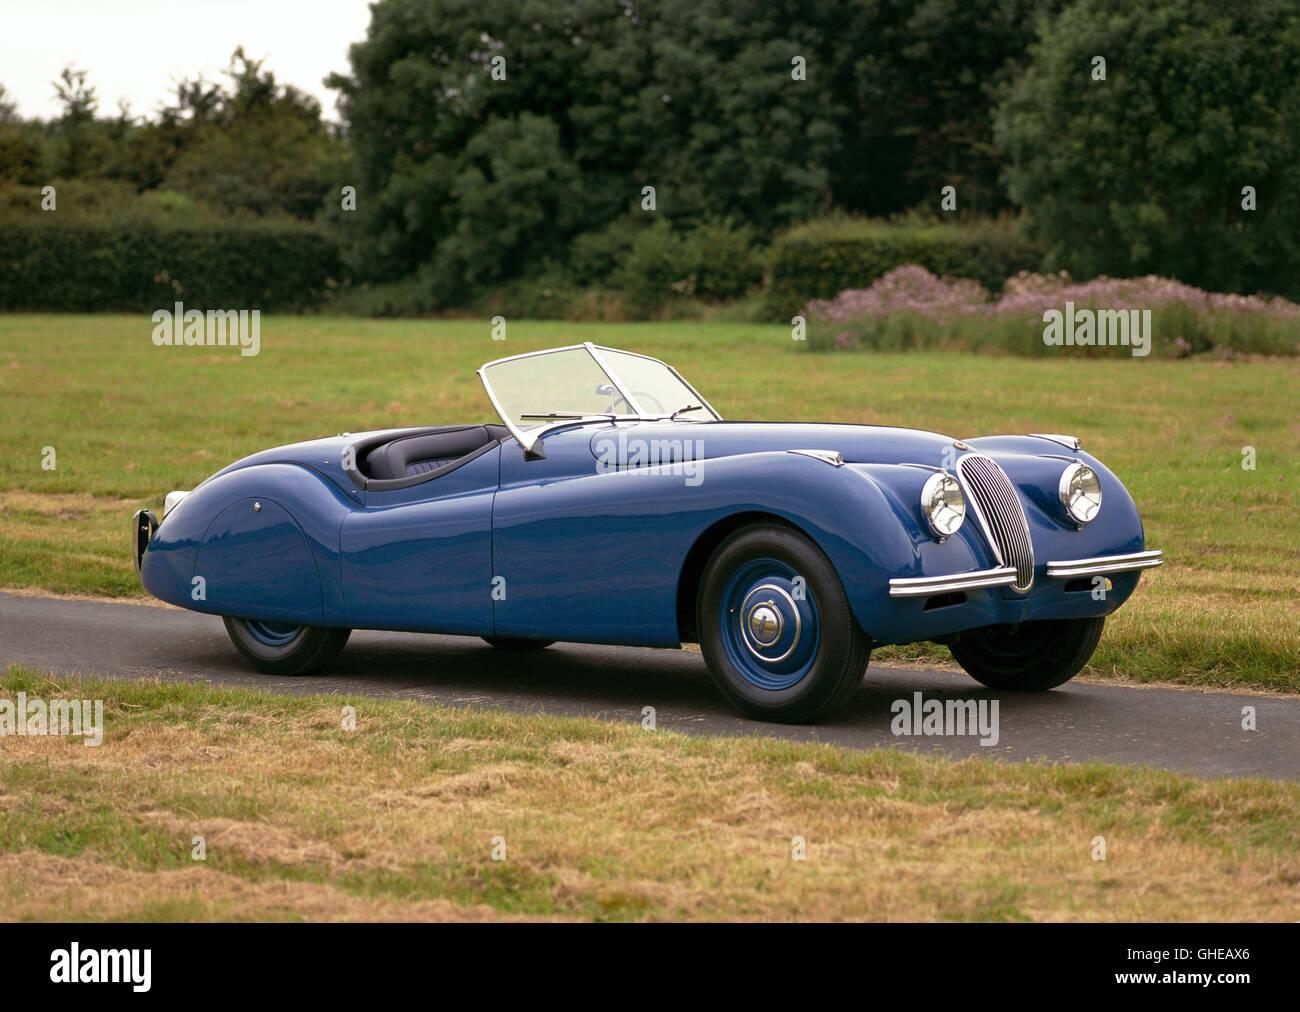 1948 Jaguar XK120 Roadster 2 Door 2 Seater 3 4 Litre Inline 6 DOHC Engine  Developing 160bhp Country Of Origin United Kingdo